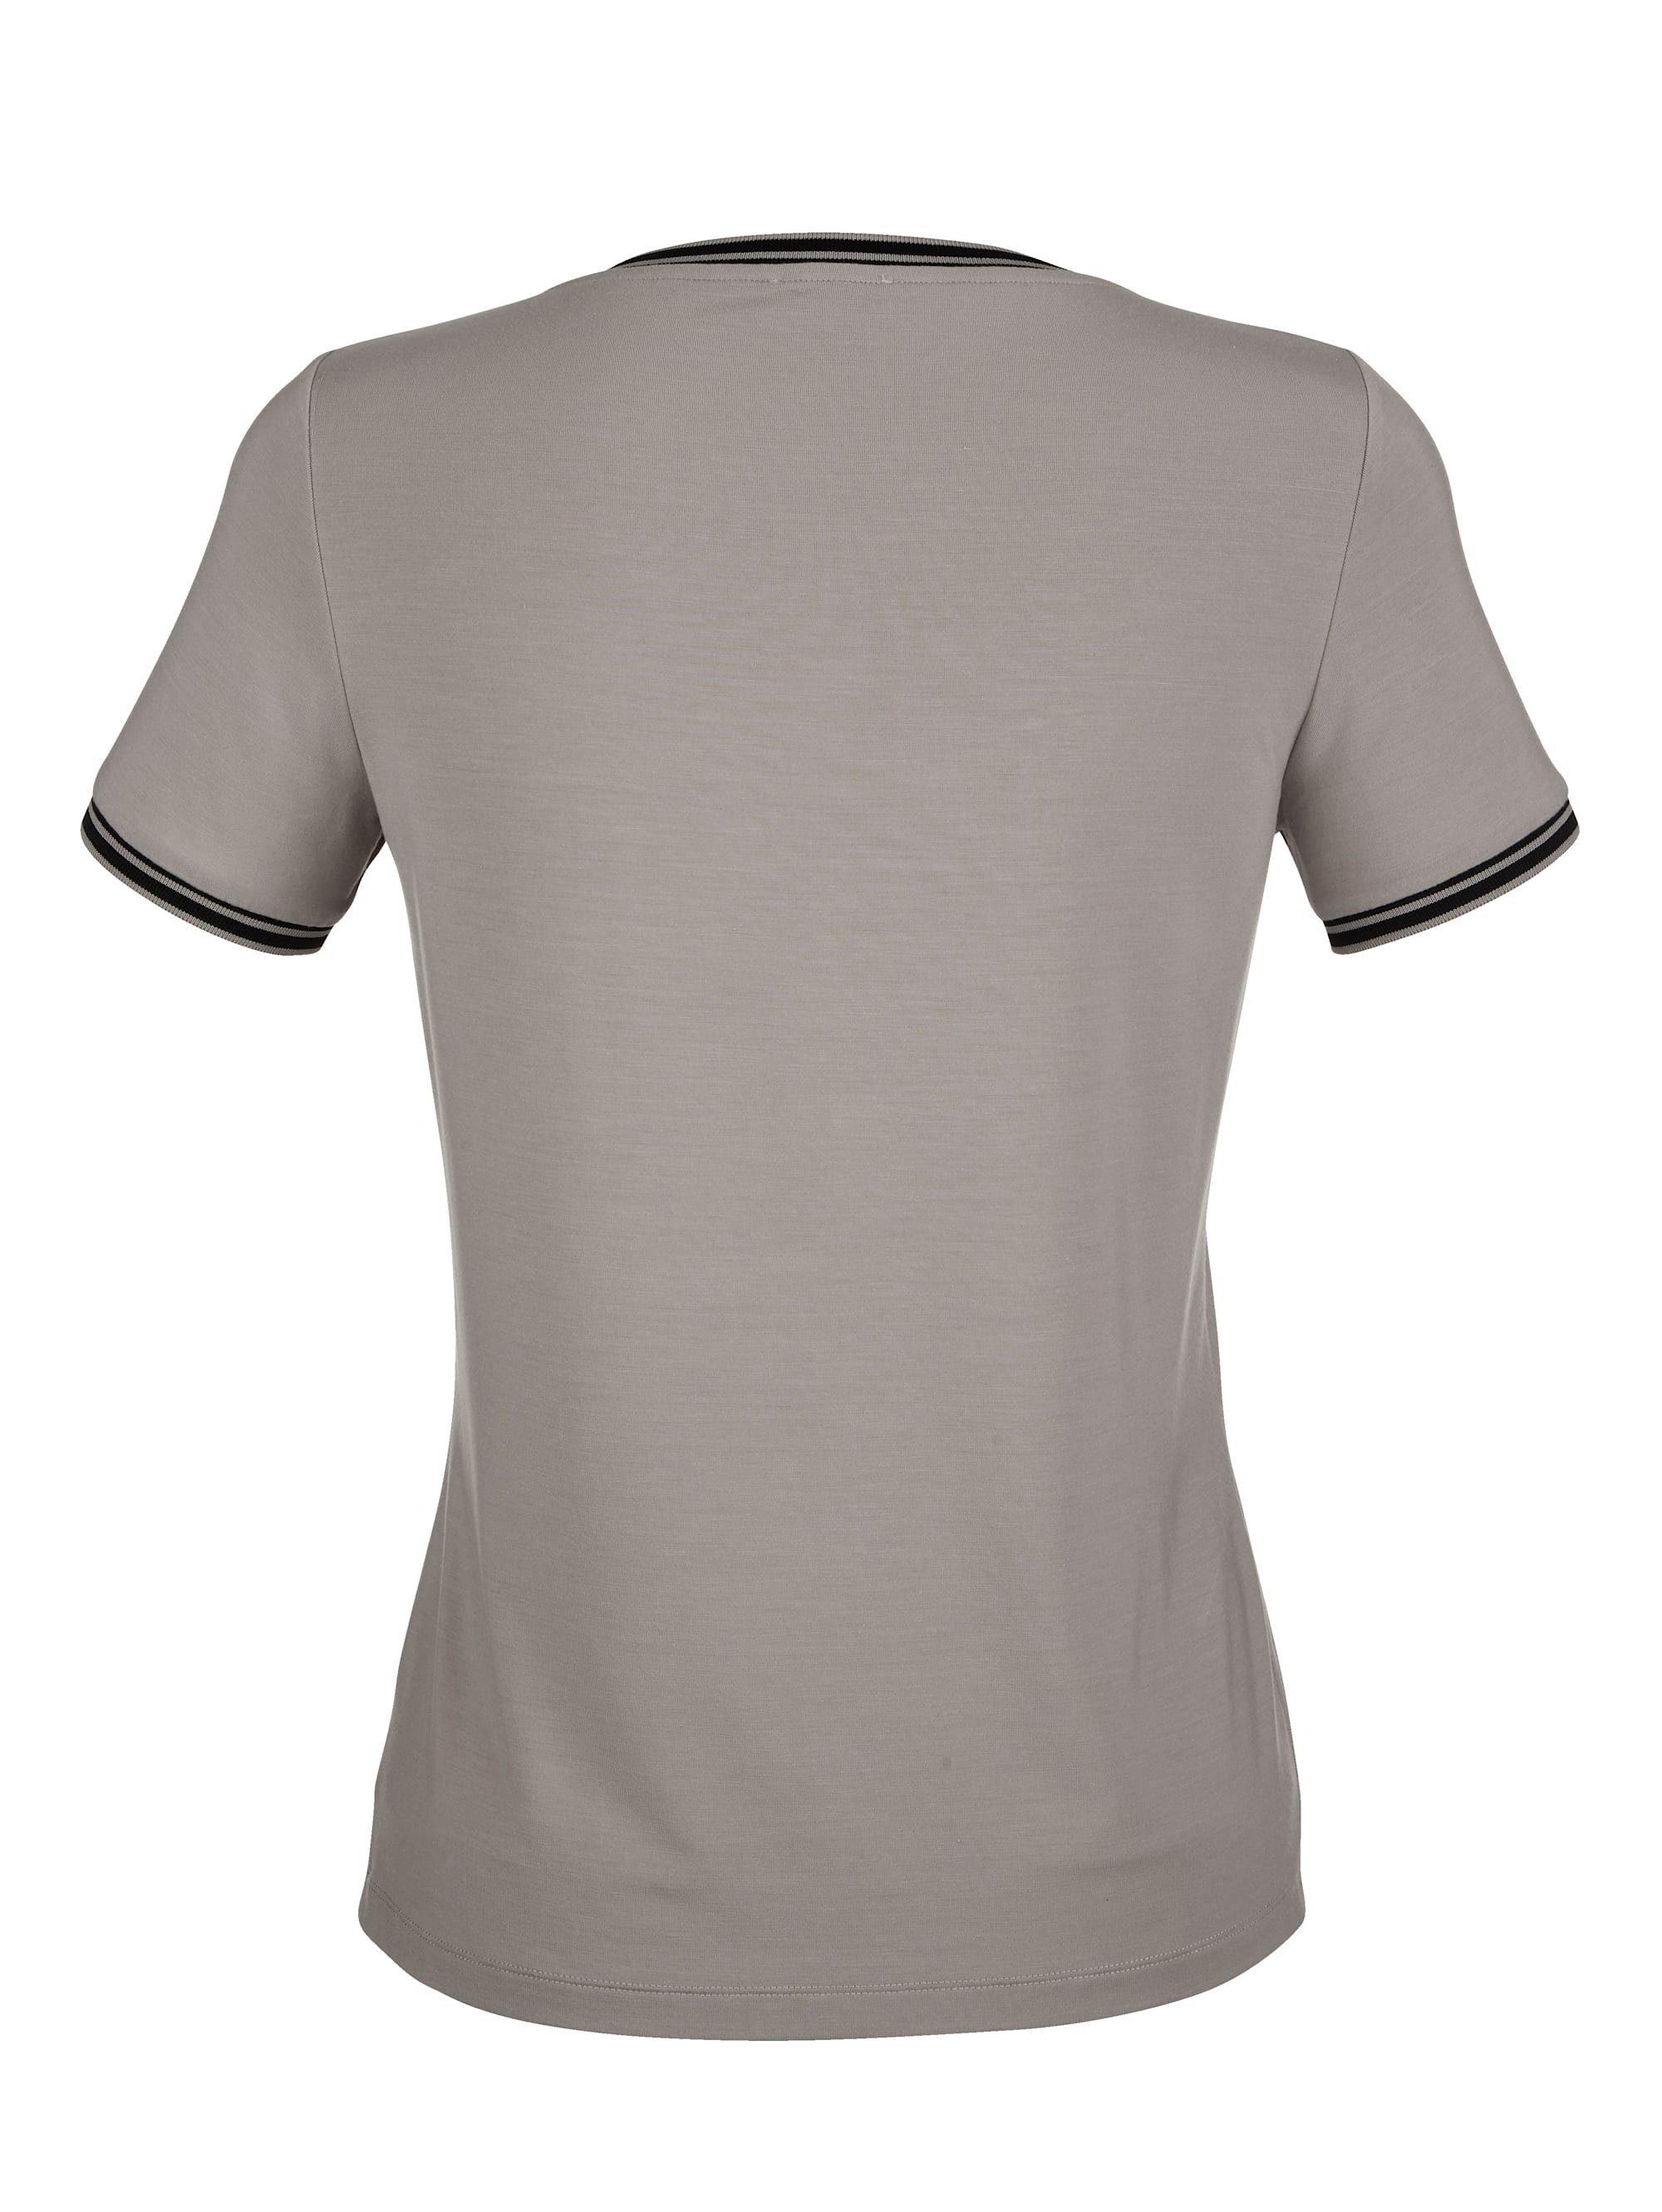 Alba Moda Shirt Aus Sehr Softer Qualität Ausschnitt Und Ärmelsaum Mit Streifenblenden Abgespaspelt Online Kaufen